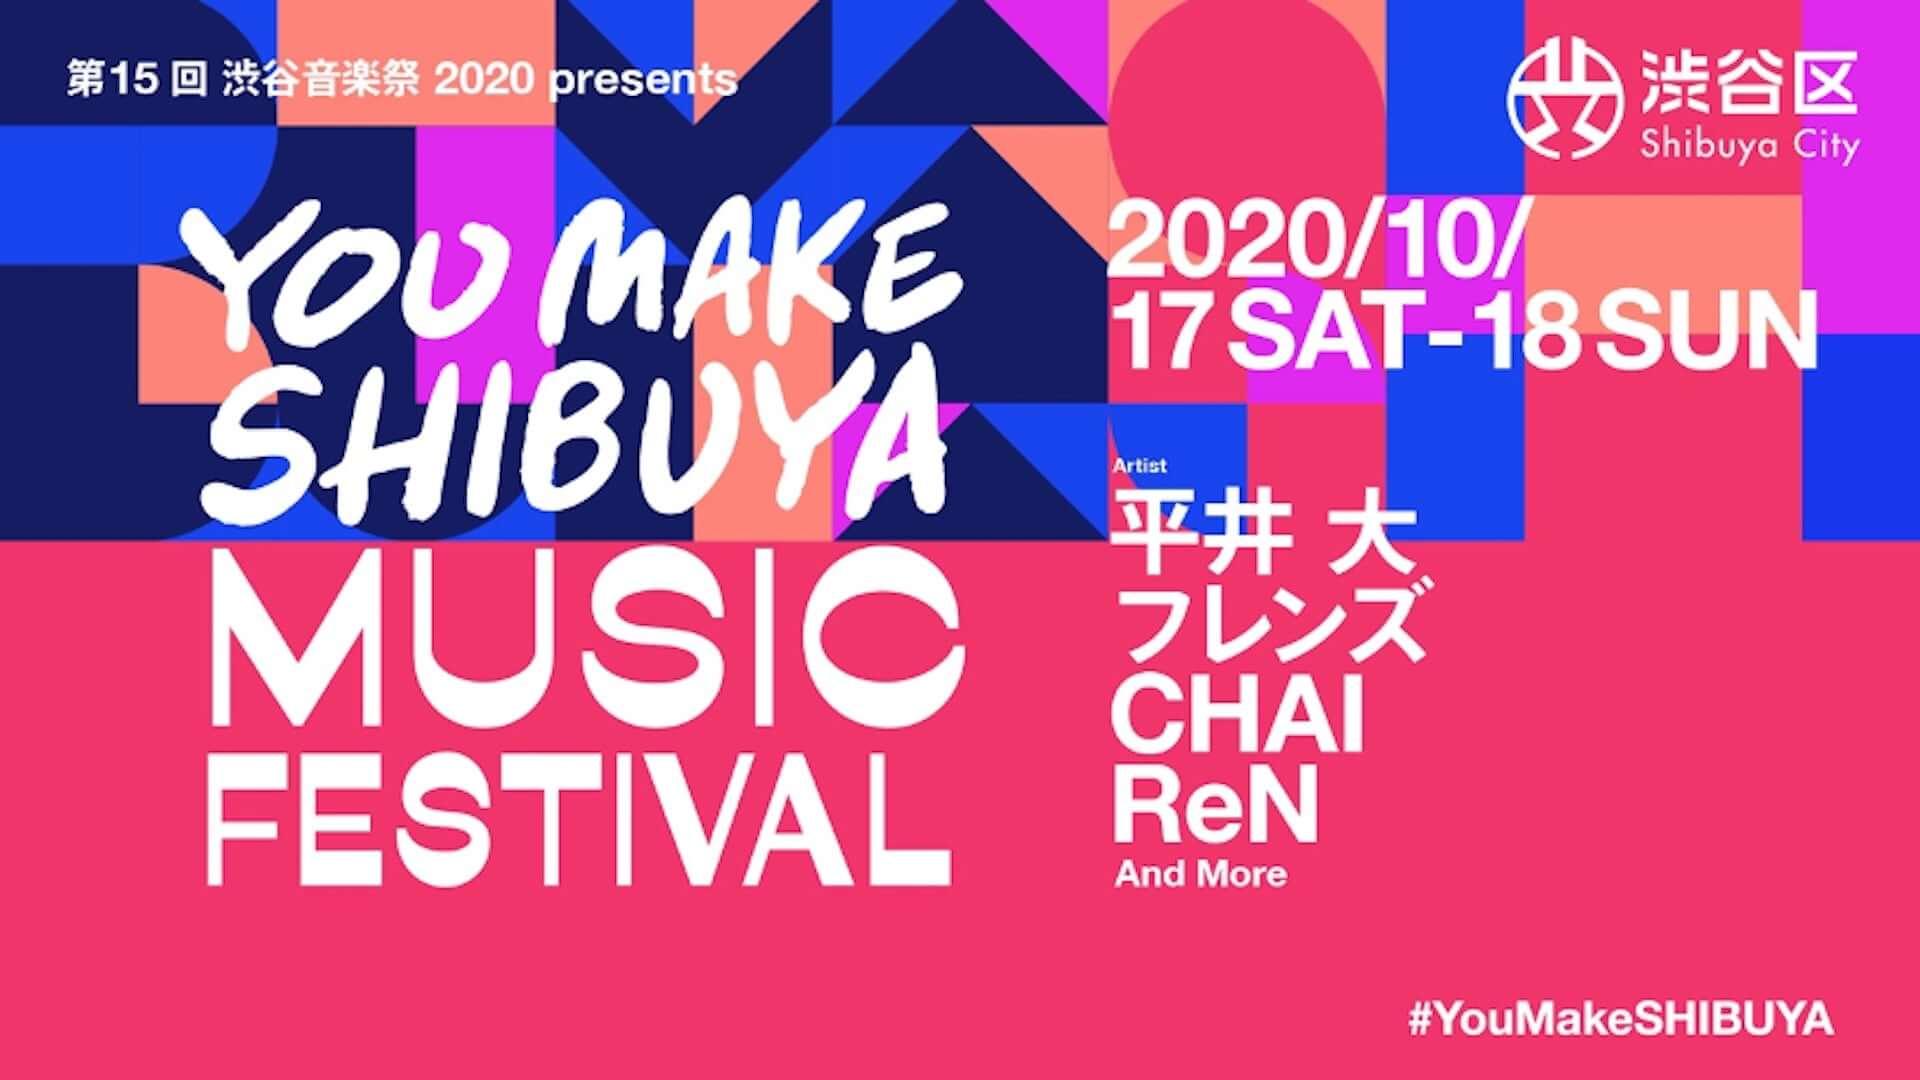 渋谷音楽祭が配信イベント<YOU MAKE SHIBUYA MUSIC FESTIVAL>として開催決定!第1弾に平井大、フレンズ、CHAI、ReNがラインナップ music2000820_youmakeshibuya-fes_2-1920x1080